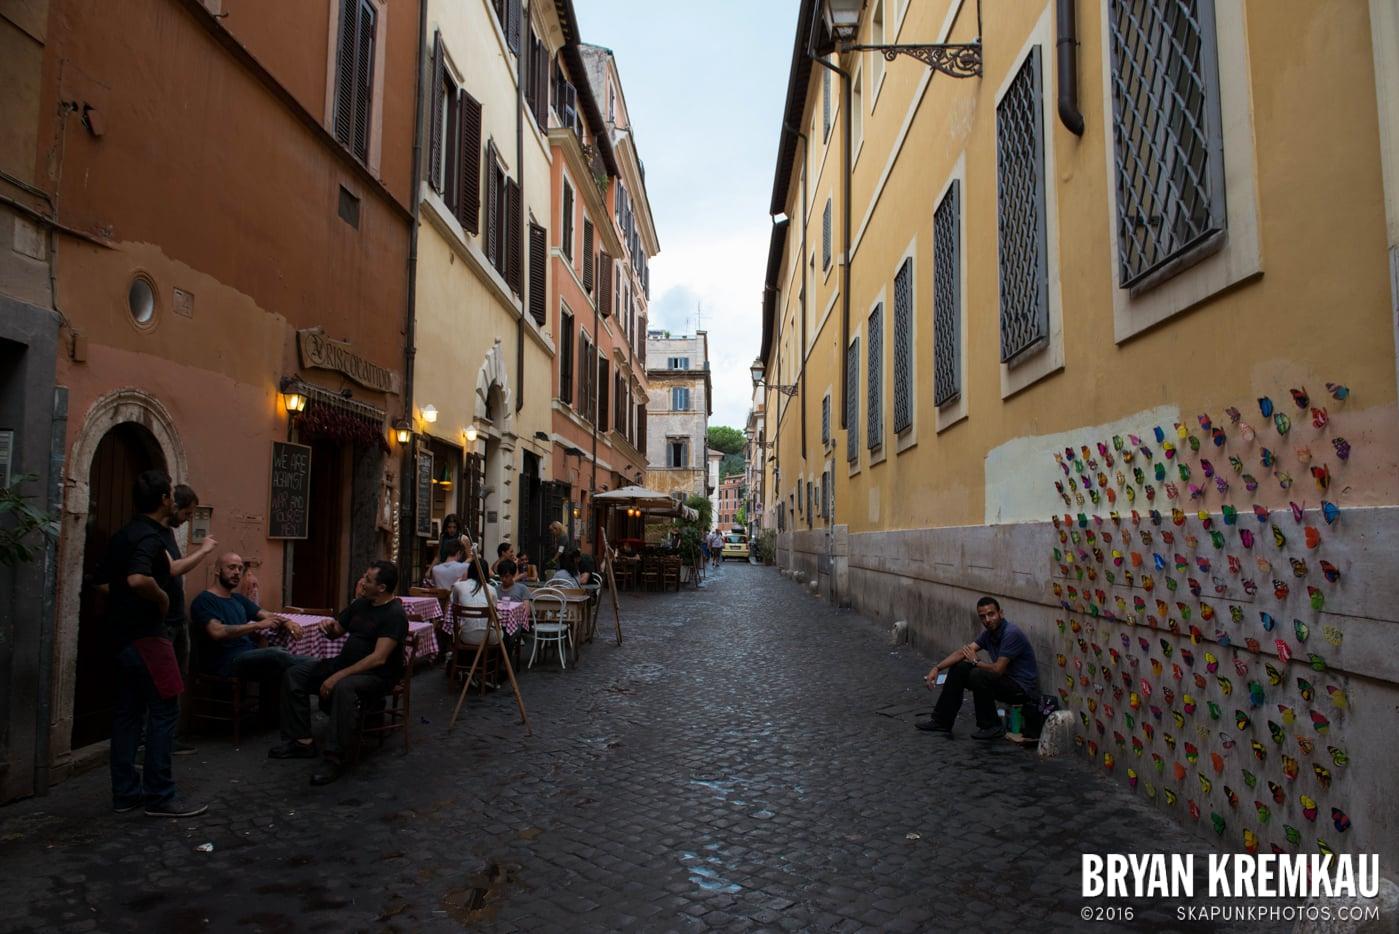 Italy Vacation - Day 2: Rome - 9.10.13 (33)